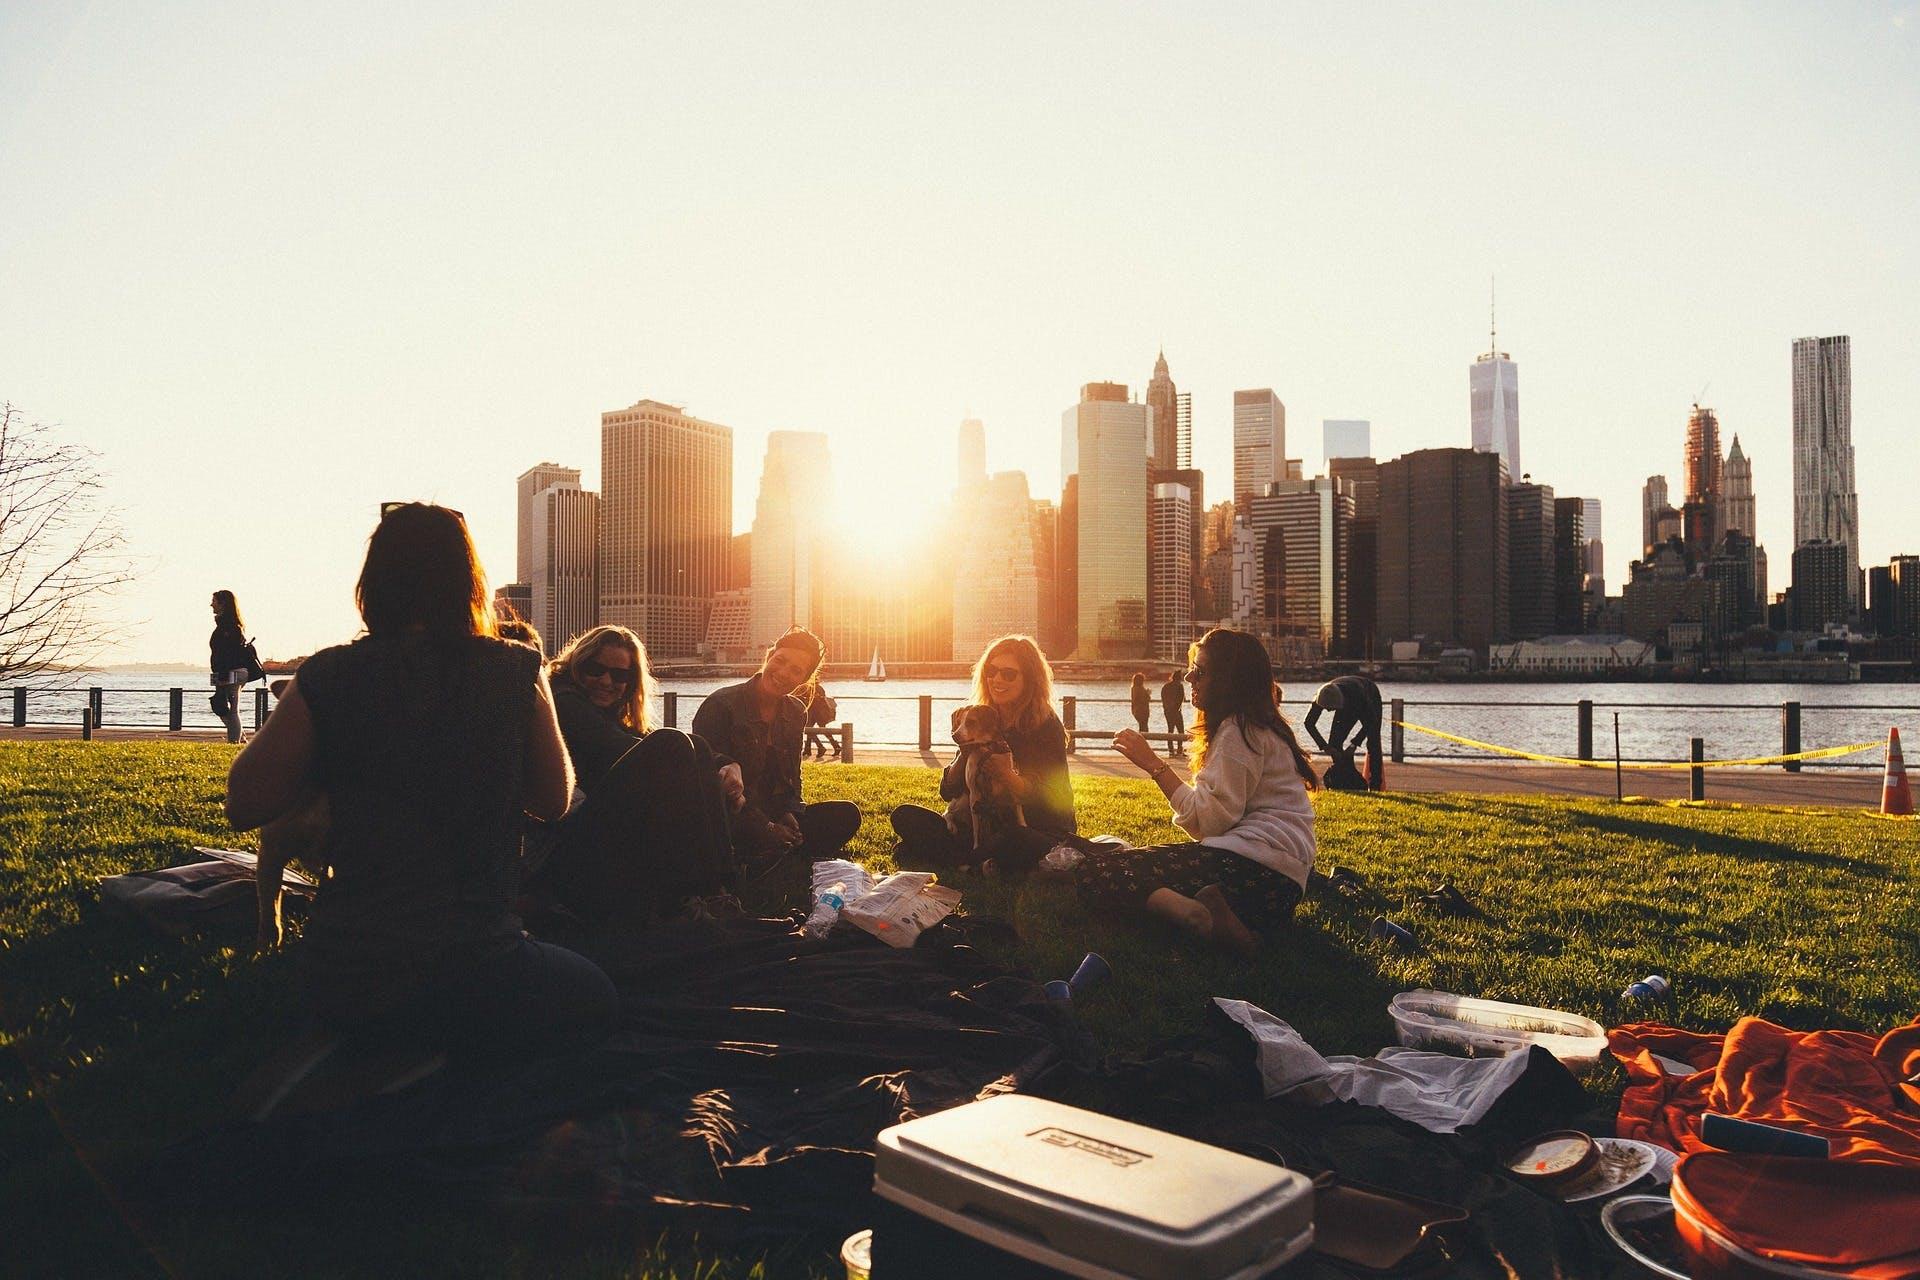 En grupp med människor sitter i en park i solnedgången med New York i bakgrunden